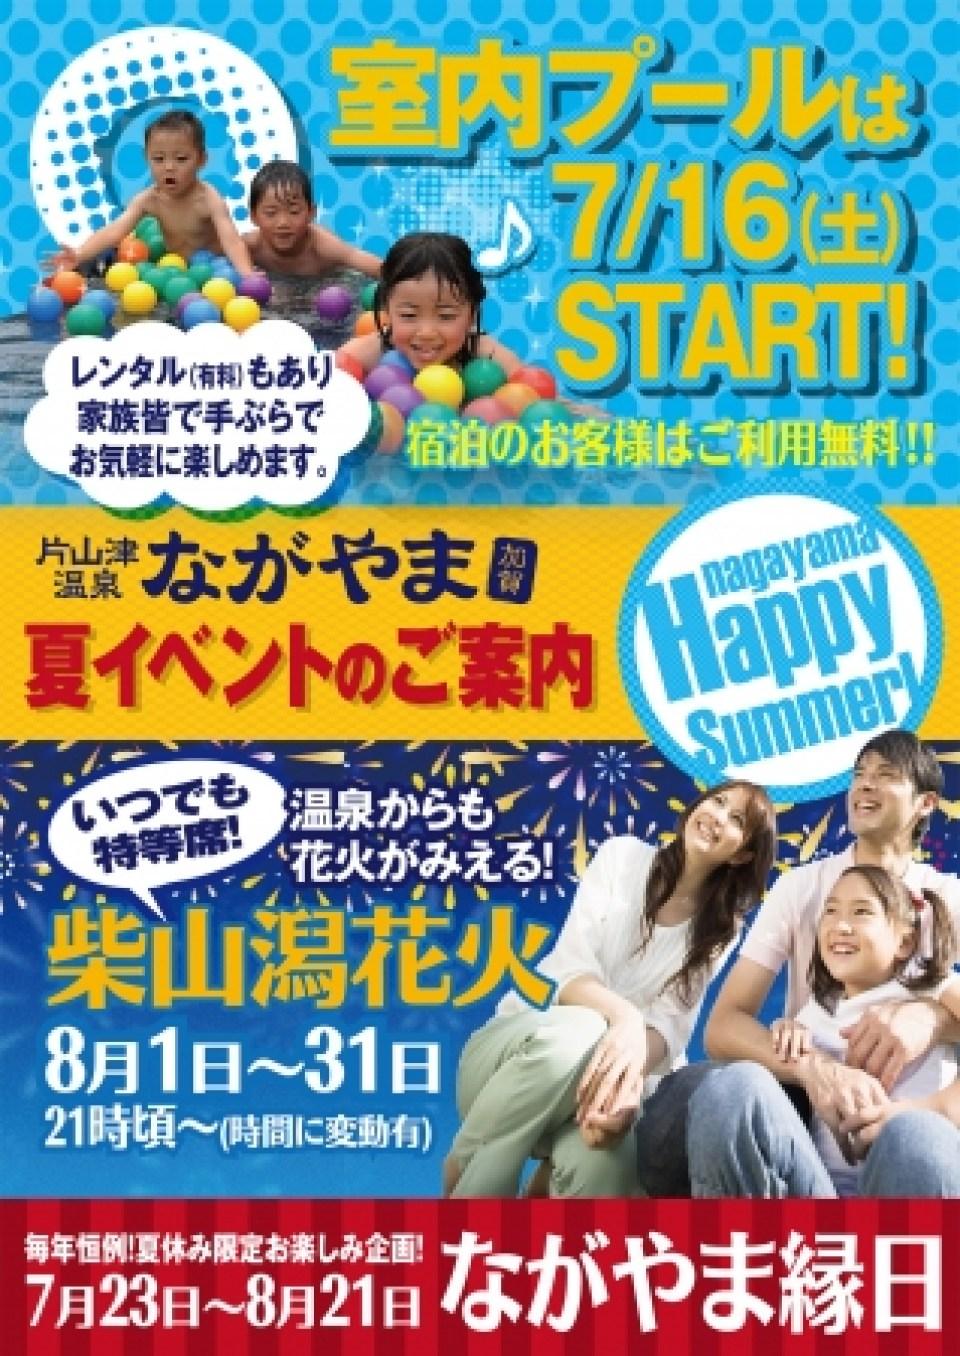 夏のイベントが盛りだくさんの加賀温泉郷・片山津温泉 大江戸温泉物語「ながやま」